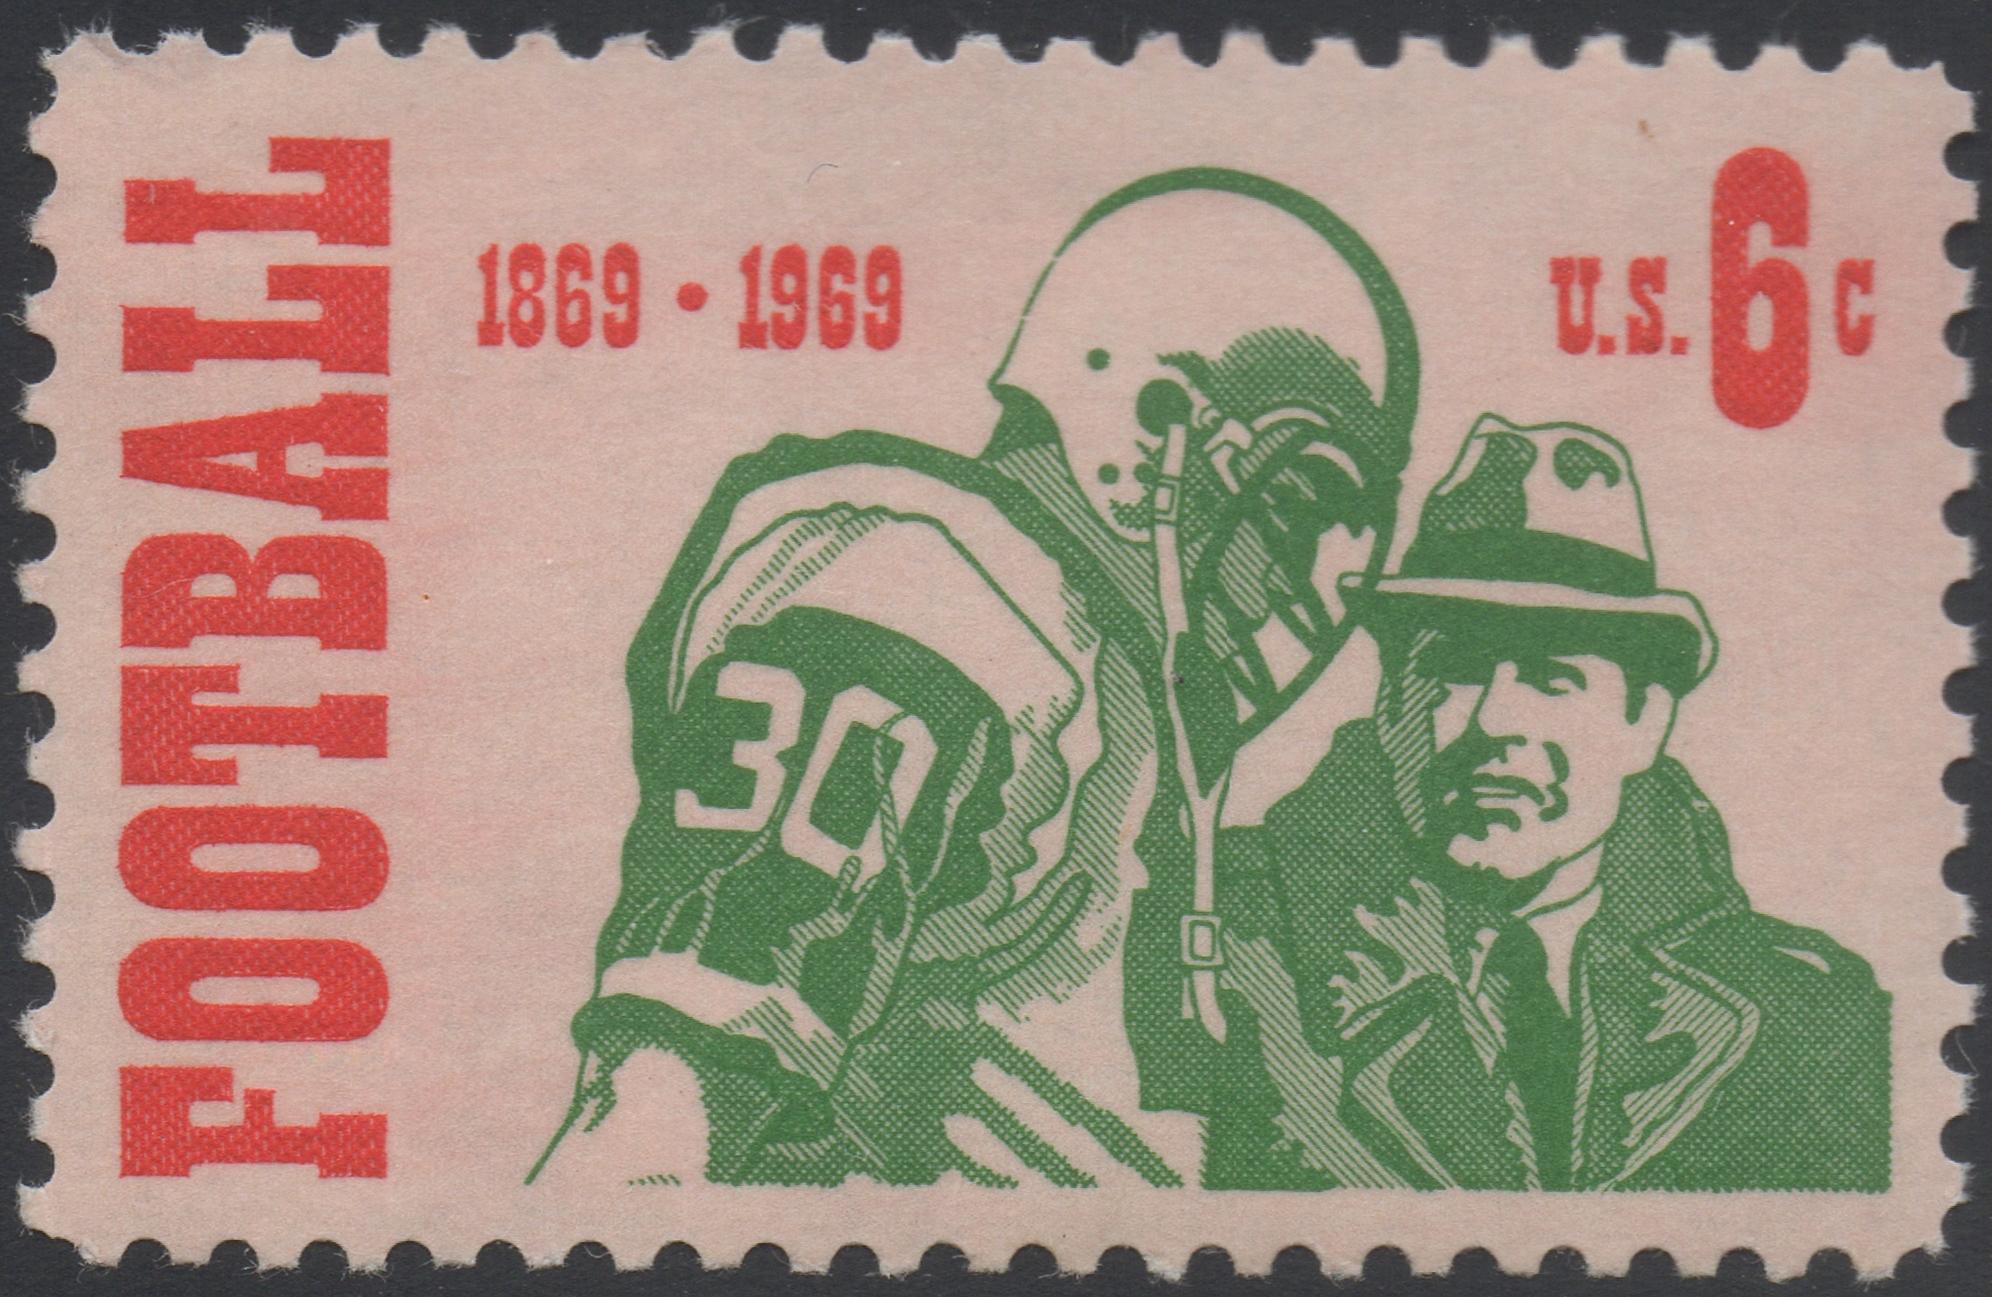 United States - Scott #1382 (1969)